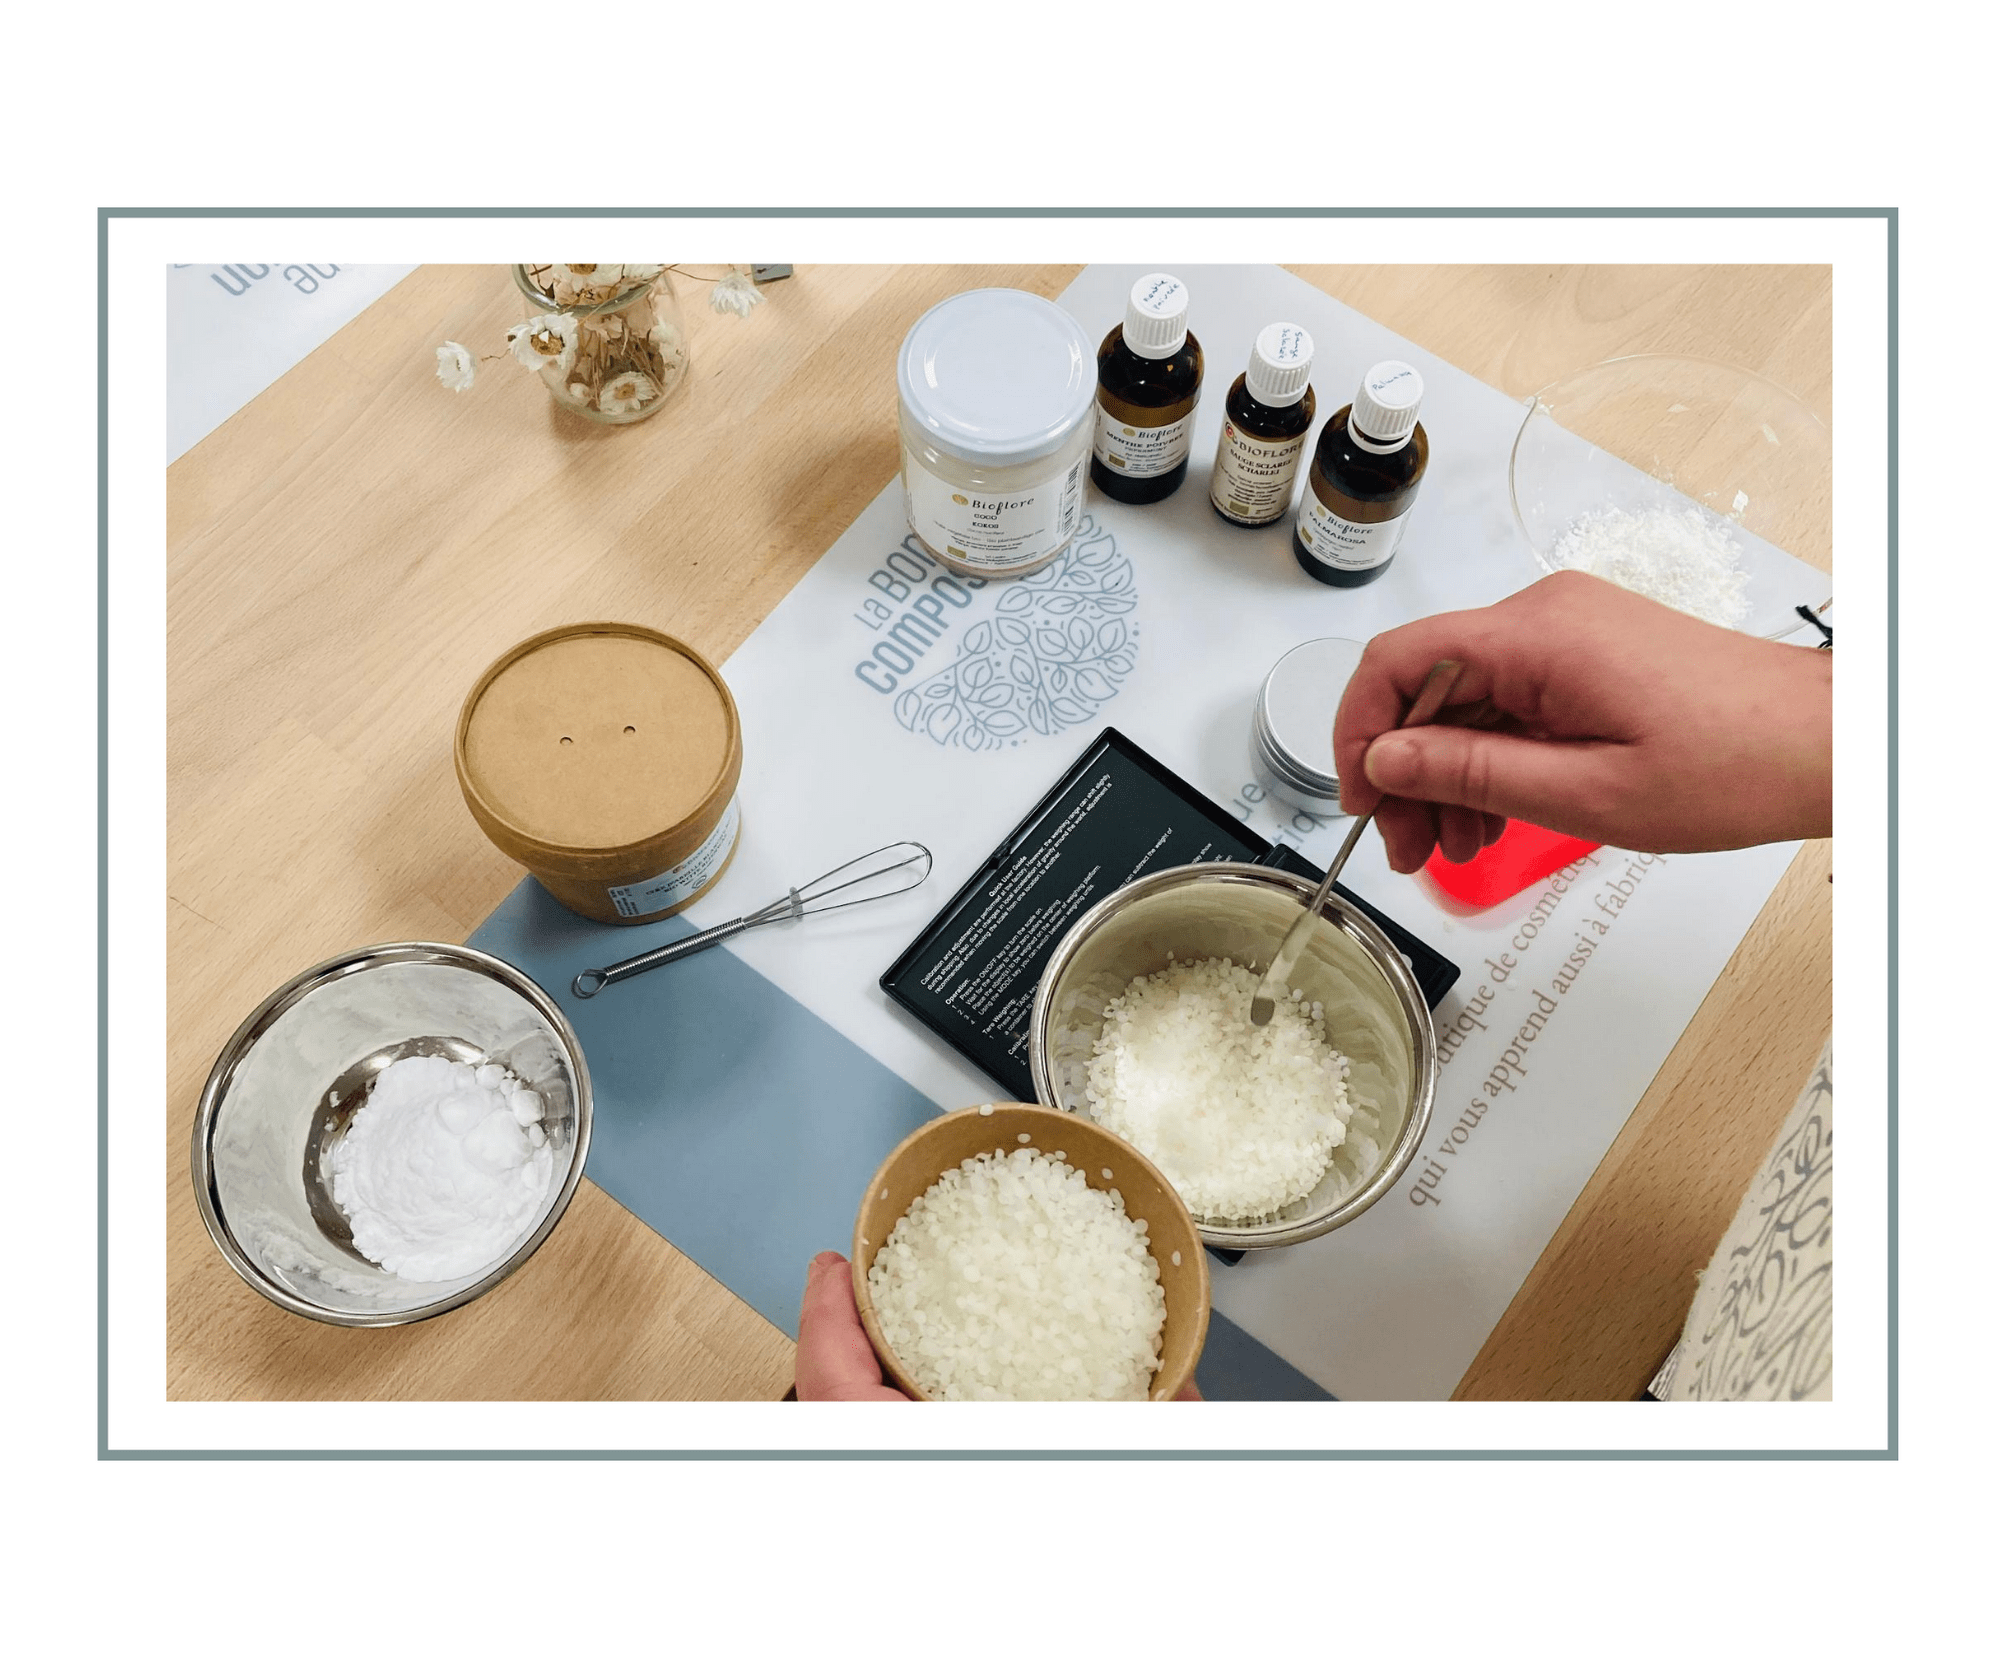 La photo montre les bols, fouets et ingrédients utilisés pendant l'atelier